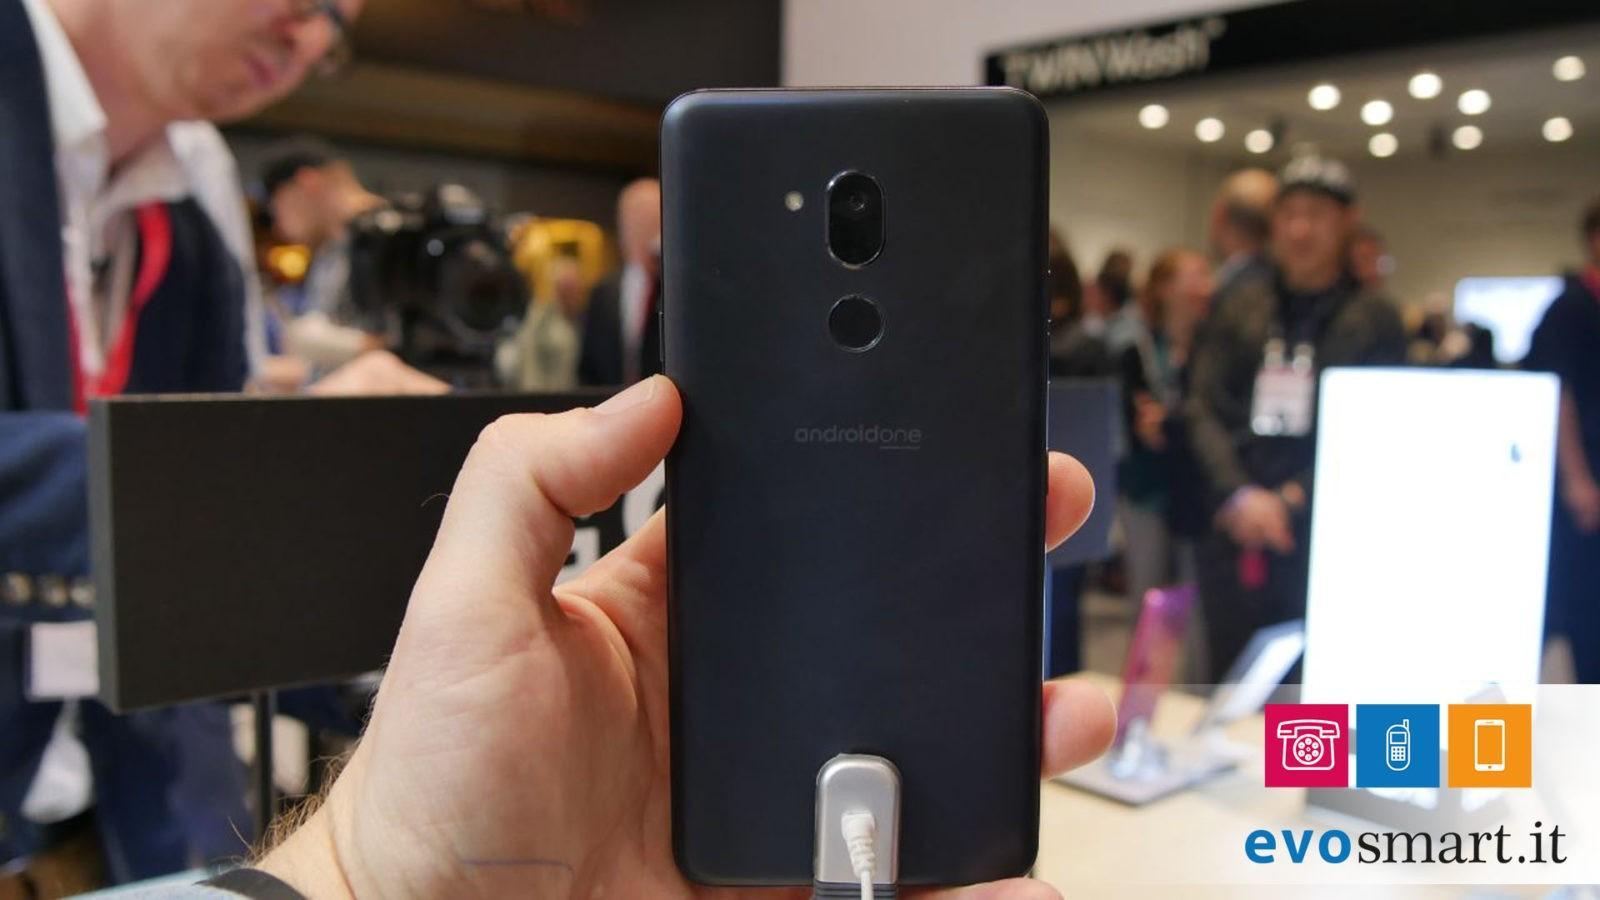 LG annuncia due varianti di G7 di cui una mossa dal progetto Android One | Aggiornamento | Evosmart.it